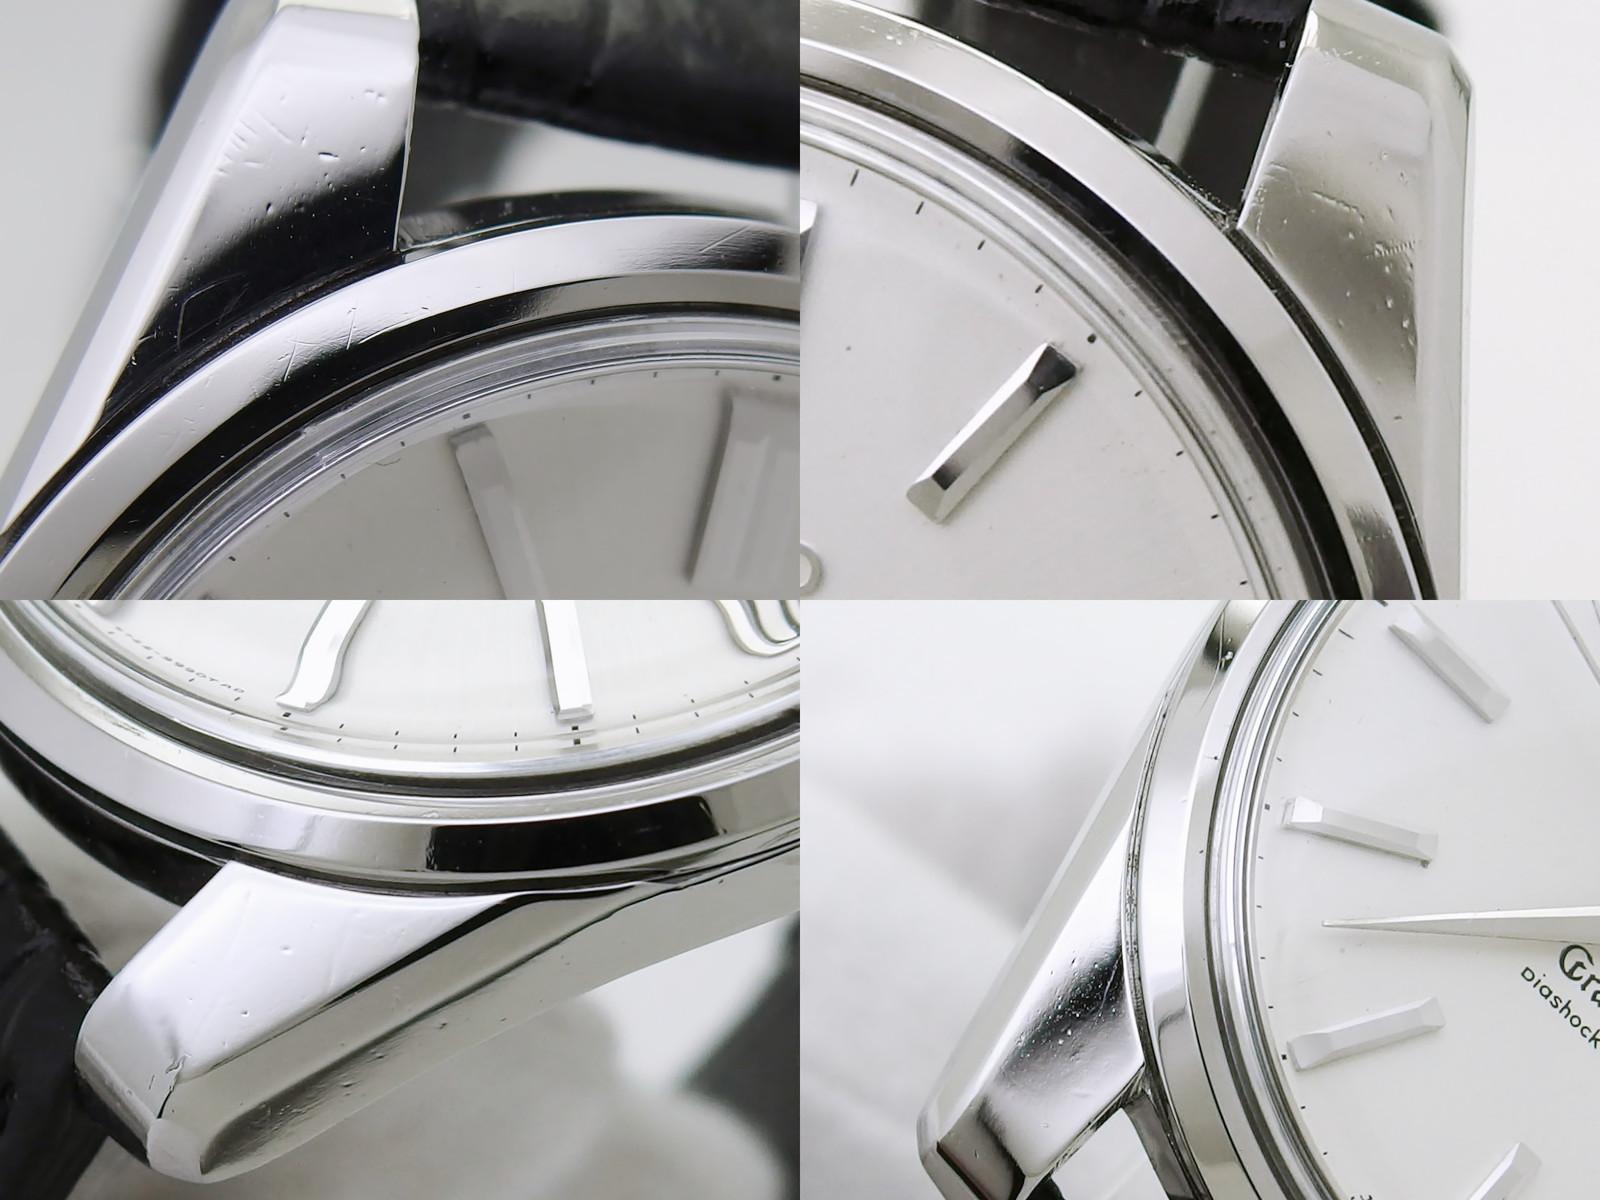 【希少】グランドセイコー セカンドモデル前期型 5722-9990 W SEIKOリューズ ライオンメダリオン 手巻 OH済 昭和40年/1965年製 Seiko